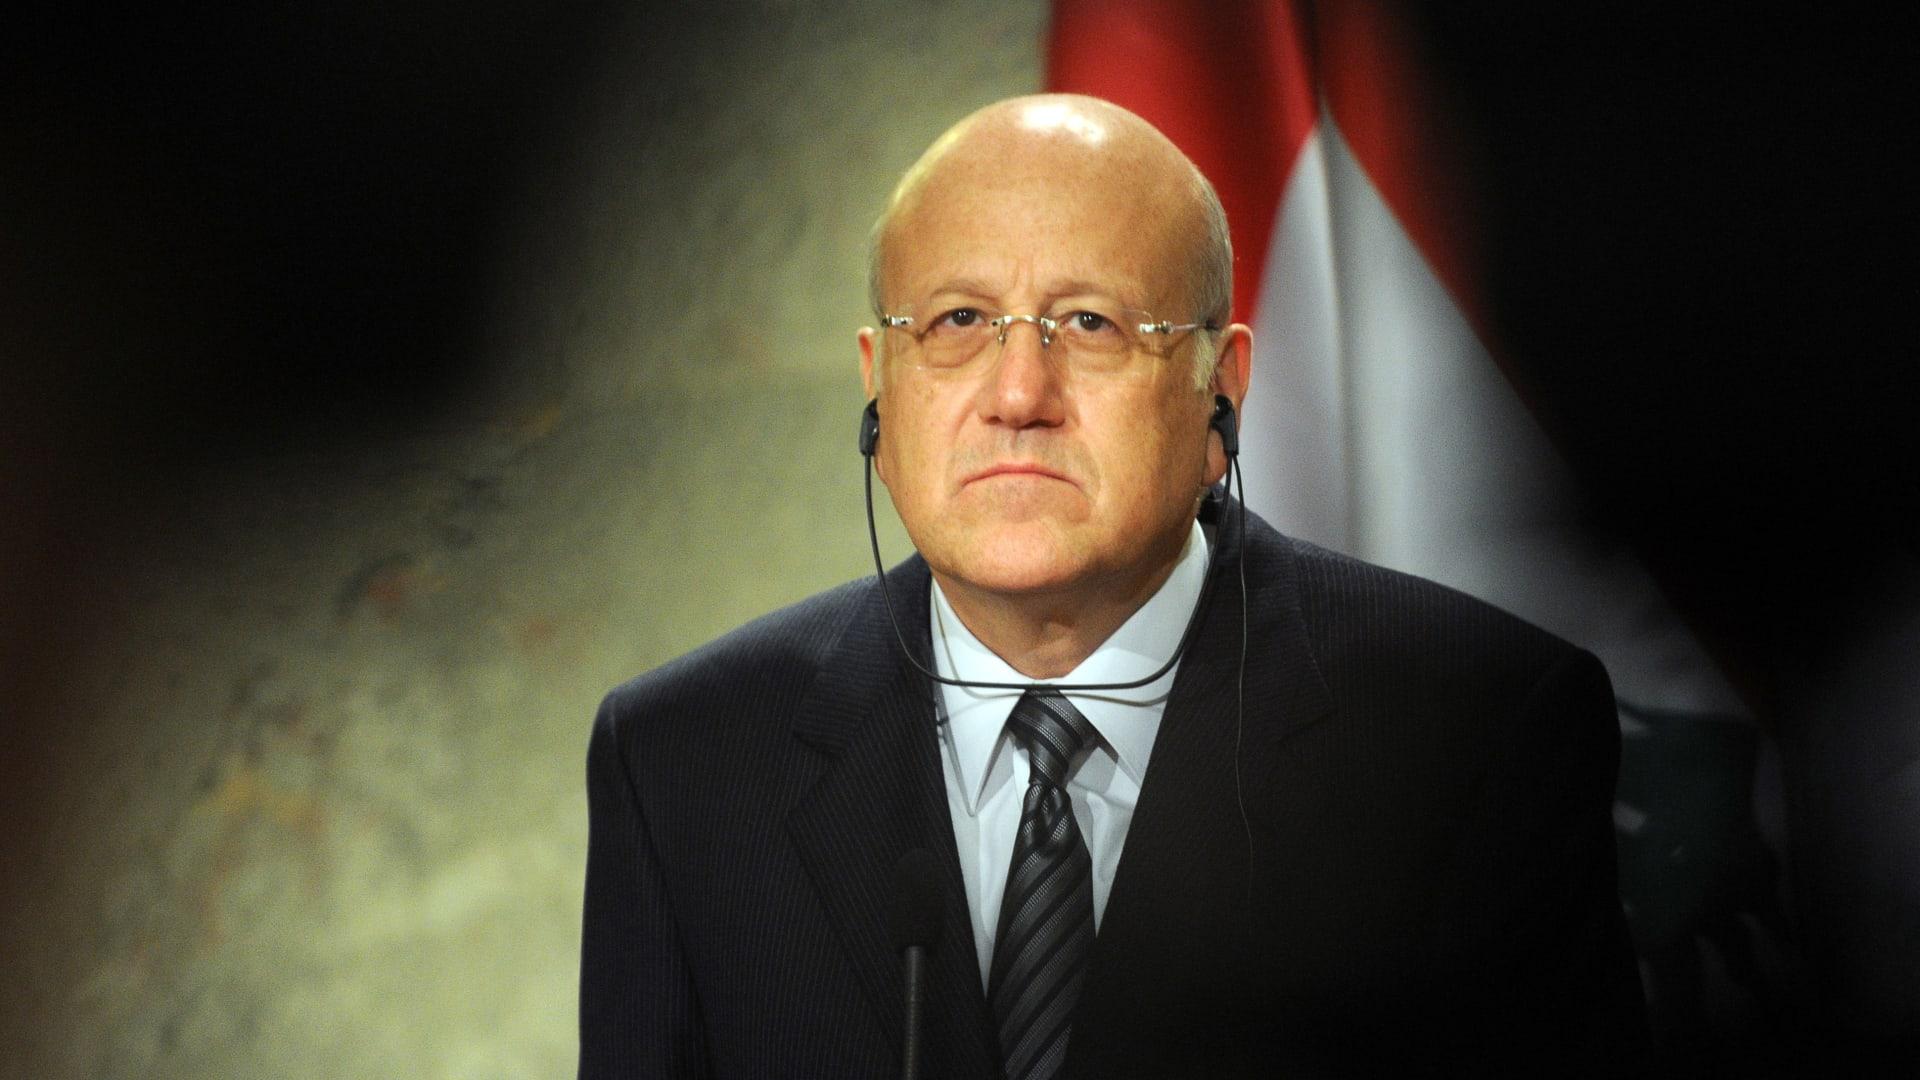 """""""لدي ضمانات خارجية"""".. كلمات نجيب ميقاتي الأولى بعد تسميته رئيس حكومة مكلف في لبنان"""